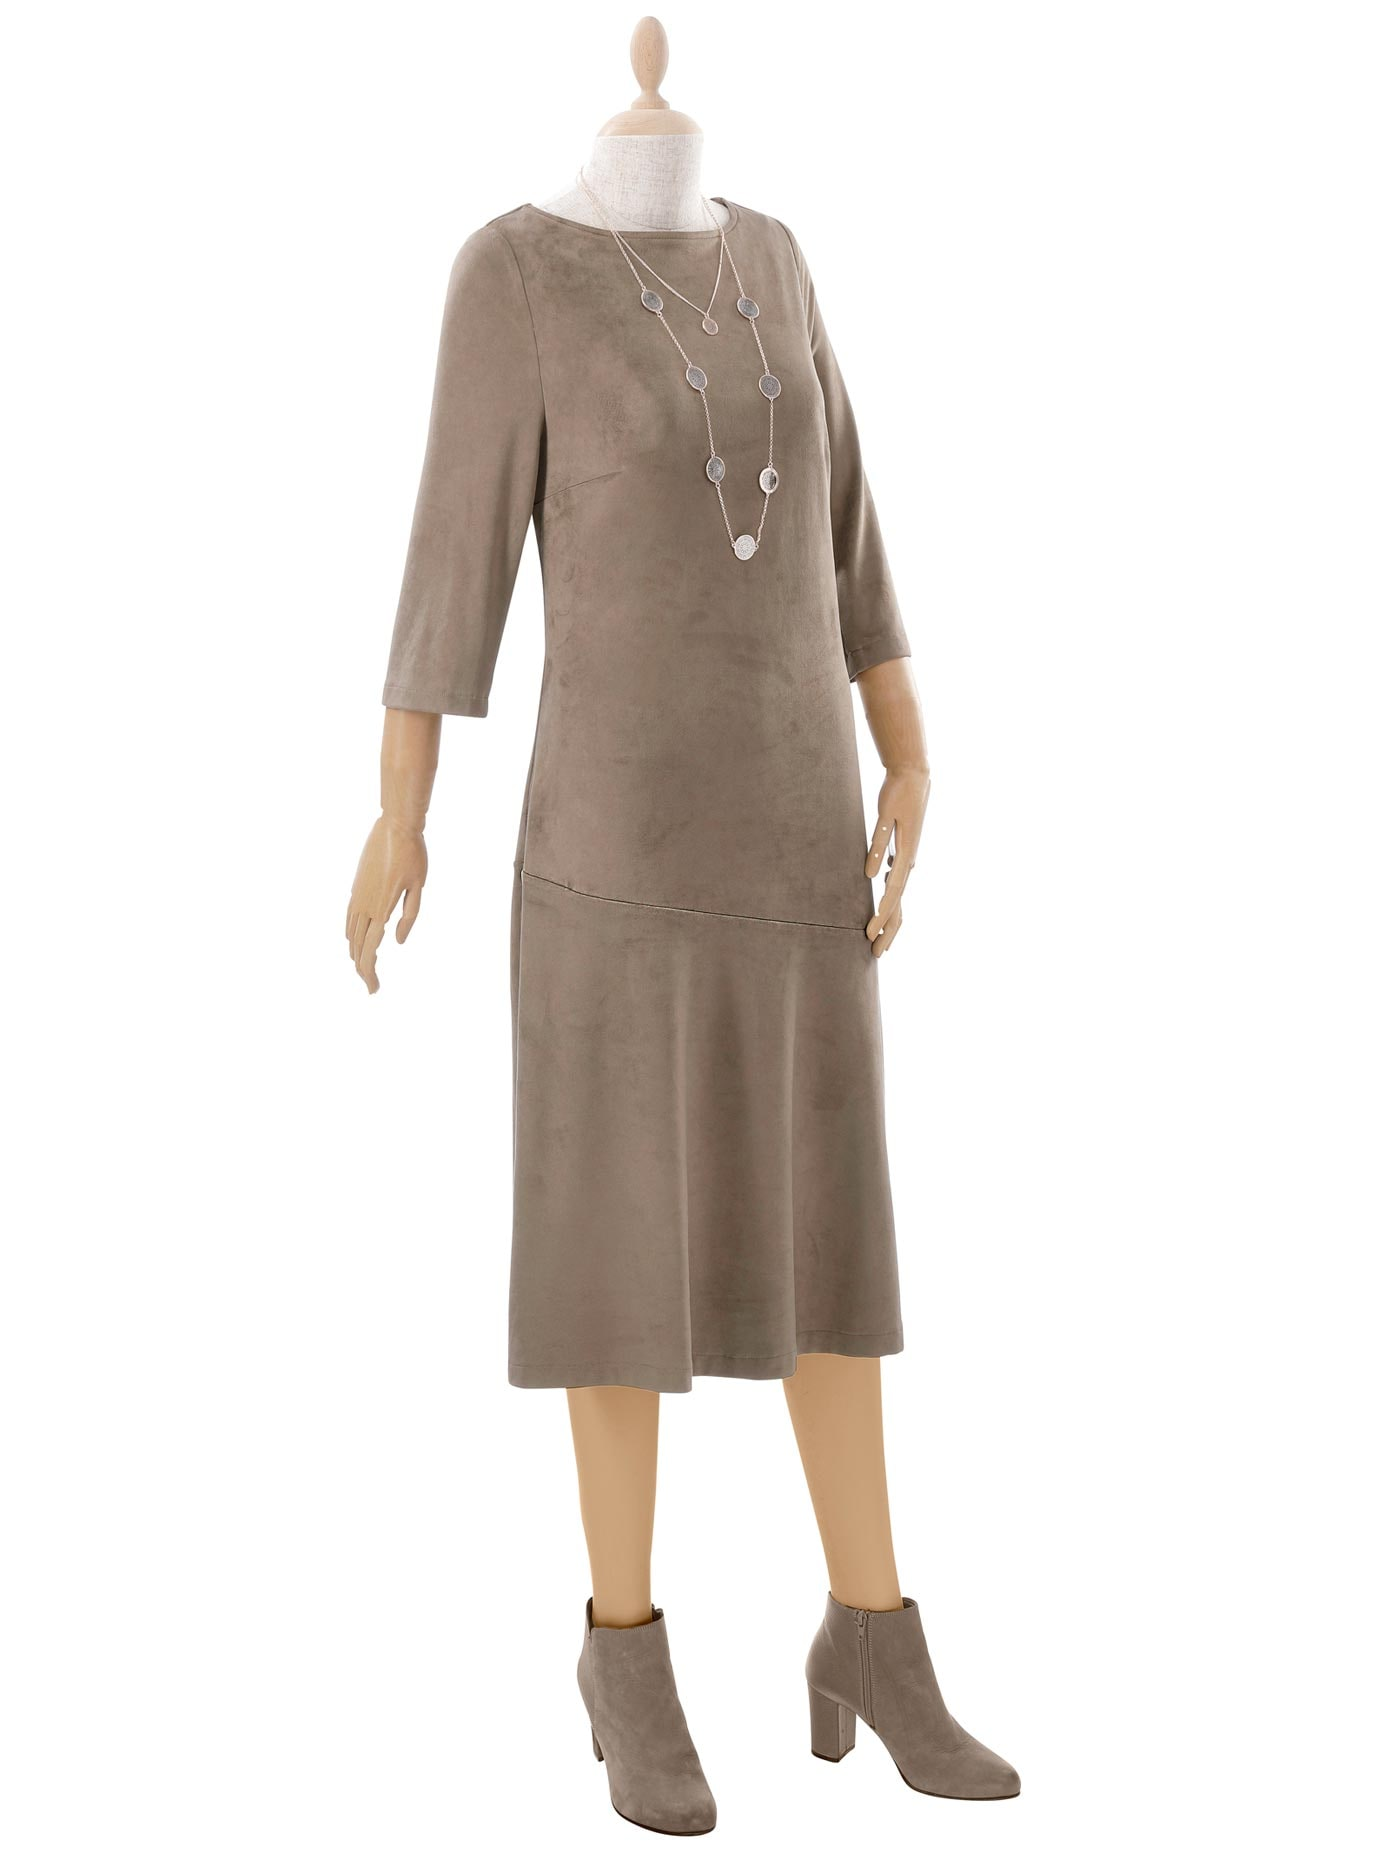 inspirationen -  Lederkleid Kleid